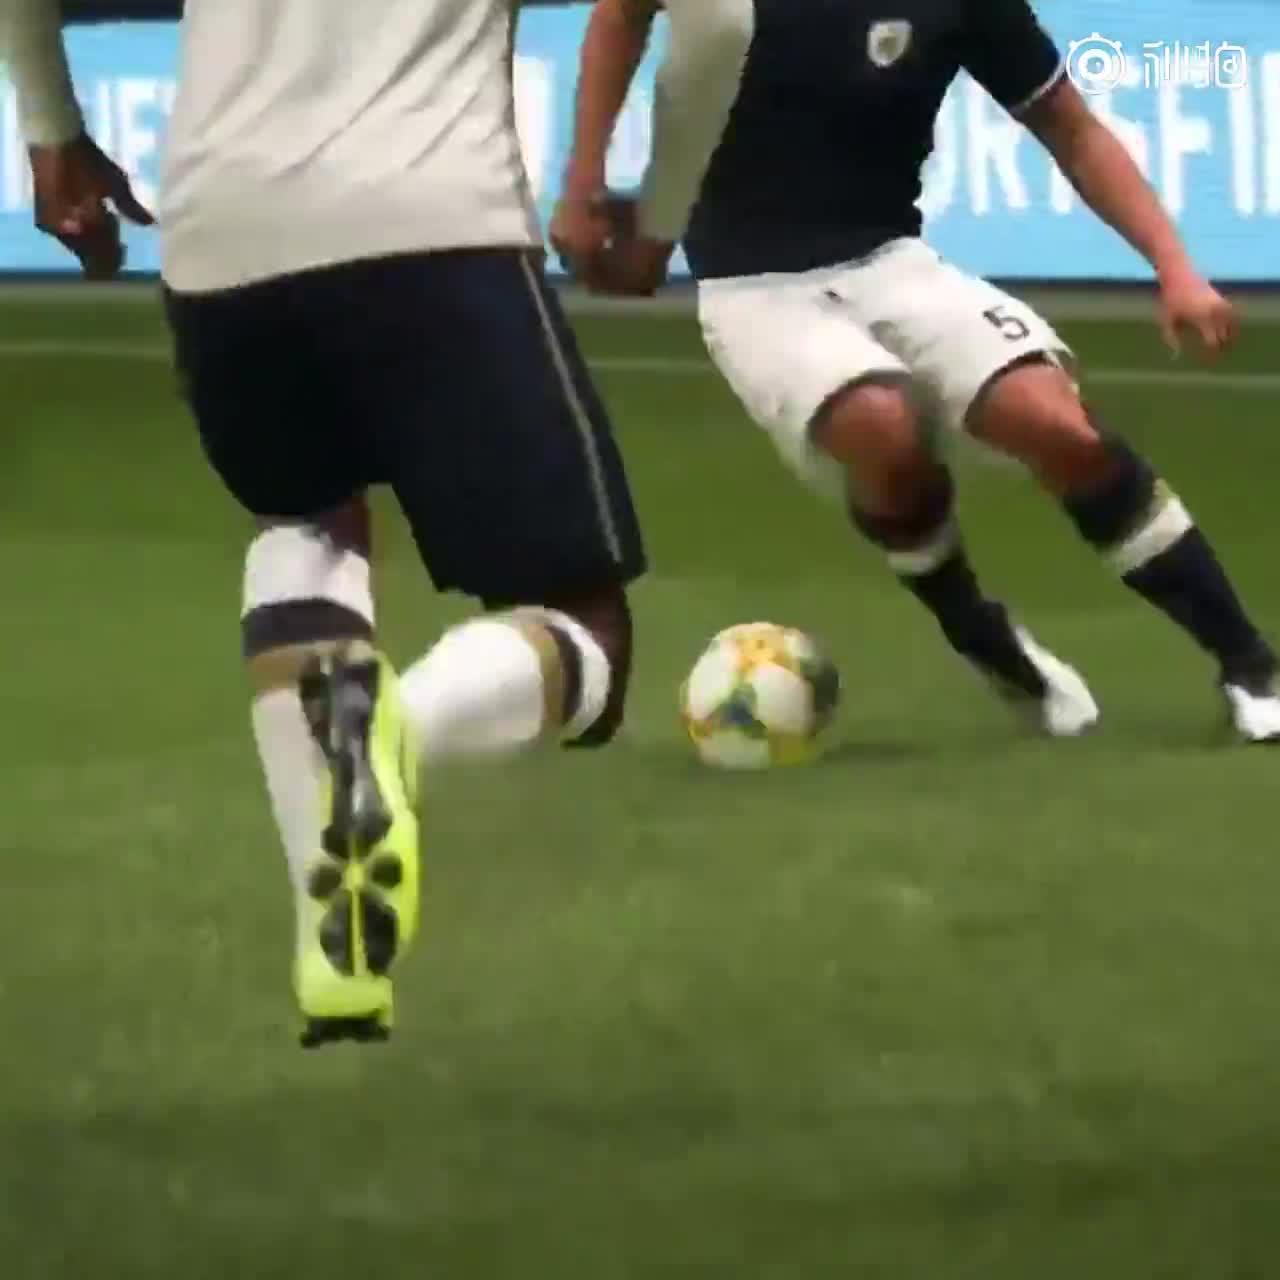 想要吗?FIFA20更新齐达内能力属性